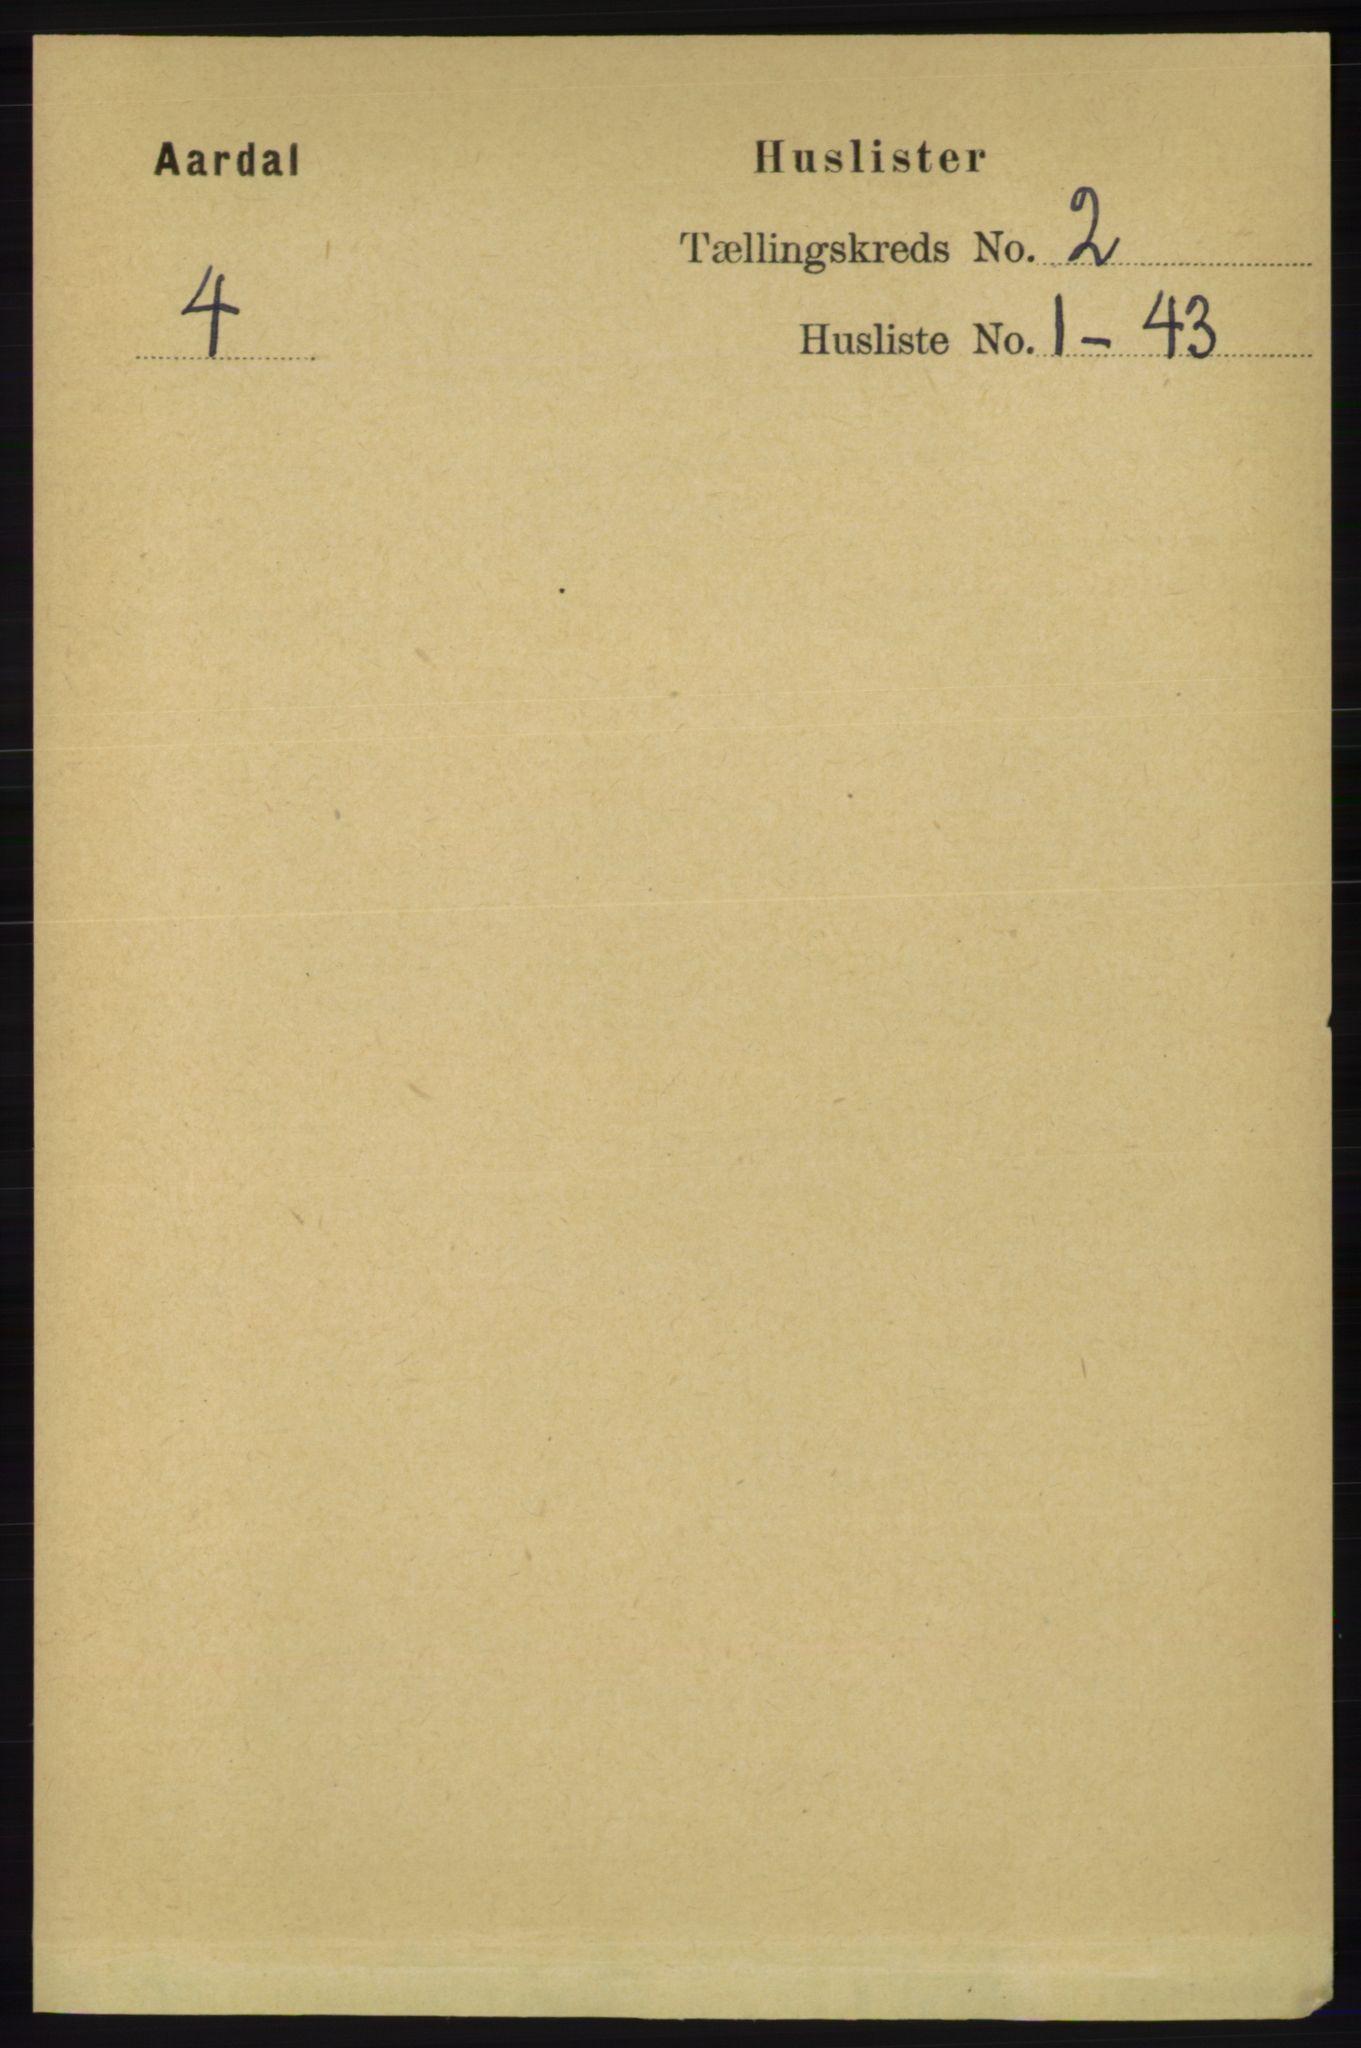 RA, Folketelling 1891 for 1131 Årdal herred, 1891, s. 528